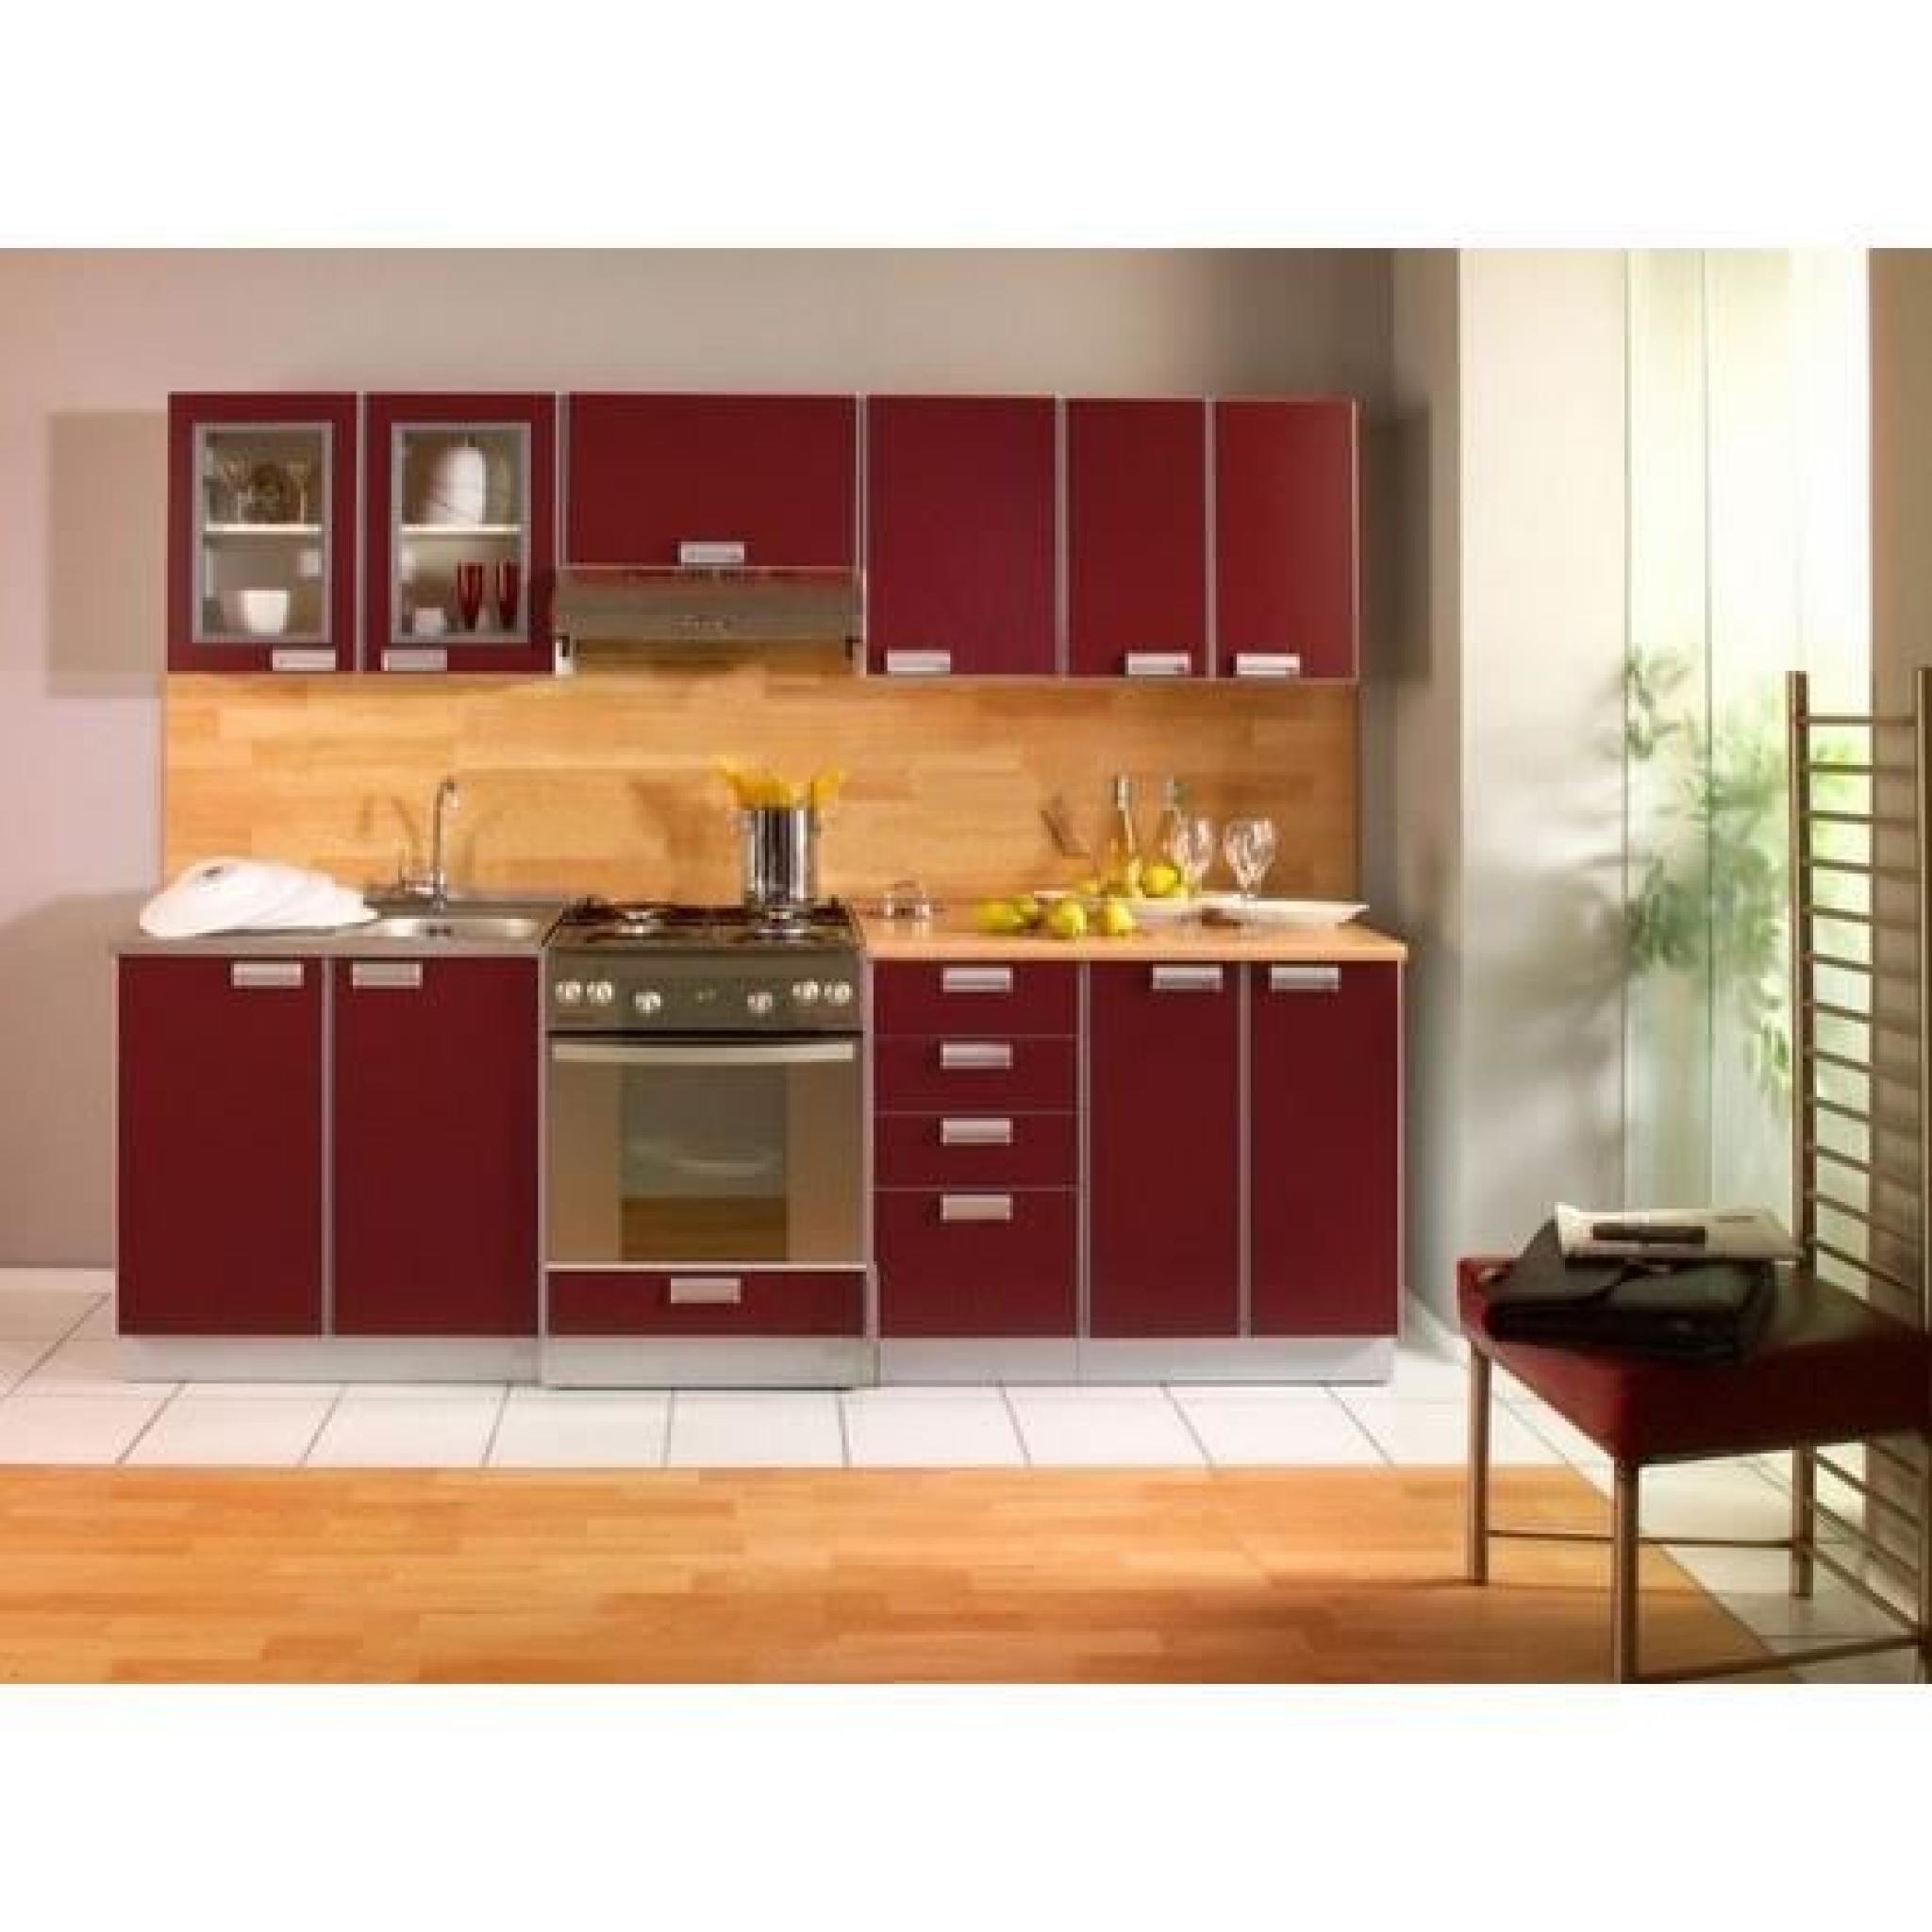 cuisine opale 2m40 avec electromenager evier et mitigeur achat vente cuisine complete pas cher. Black Bedroom Furniture Sets. Home Design Ideas